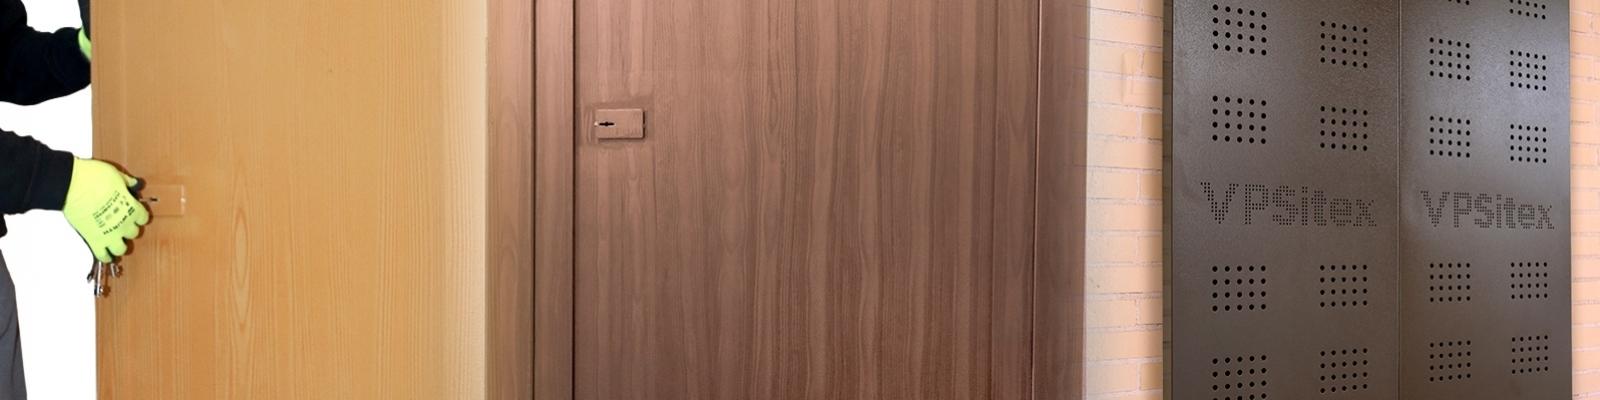 Pioneros En La Introduccion De Las Puertas Antiokupa En Espana Vps